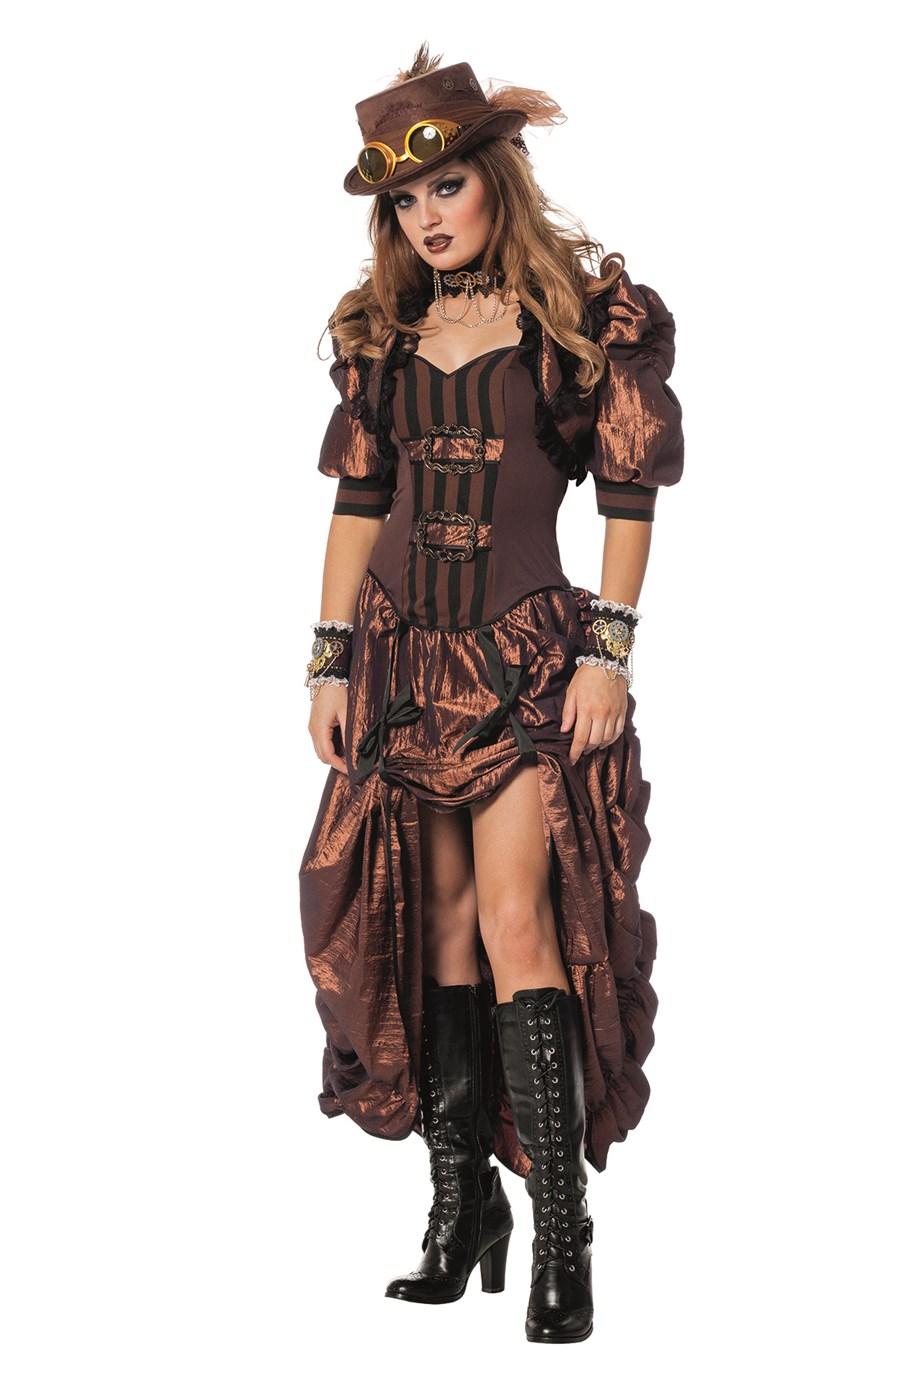 steampunk cowgirl saloongirl retro look viktorianische zeit edelpunk. Black Bedroom Furniture Sets. Home Design Ideas